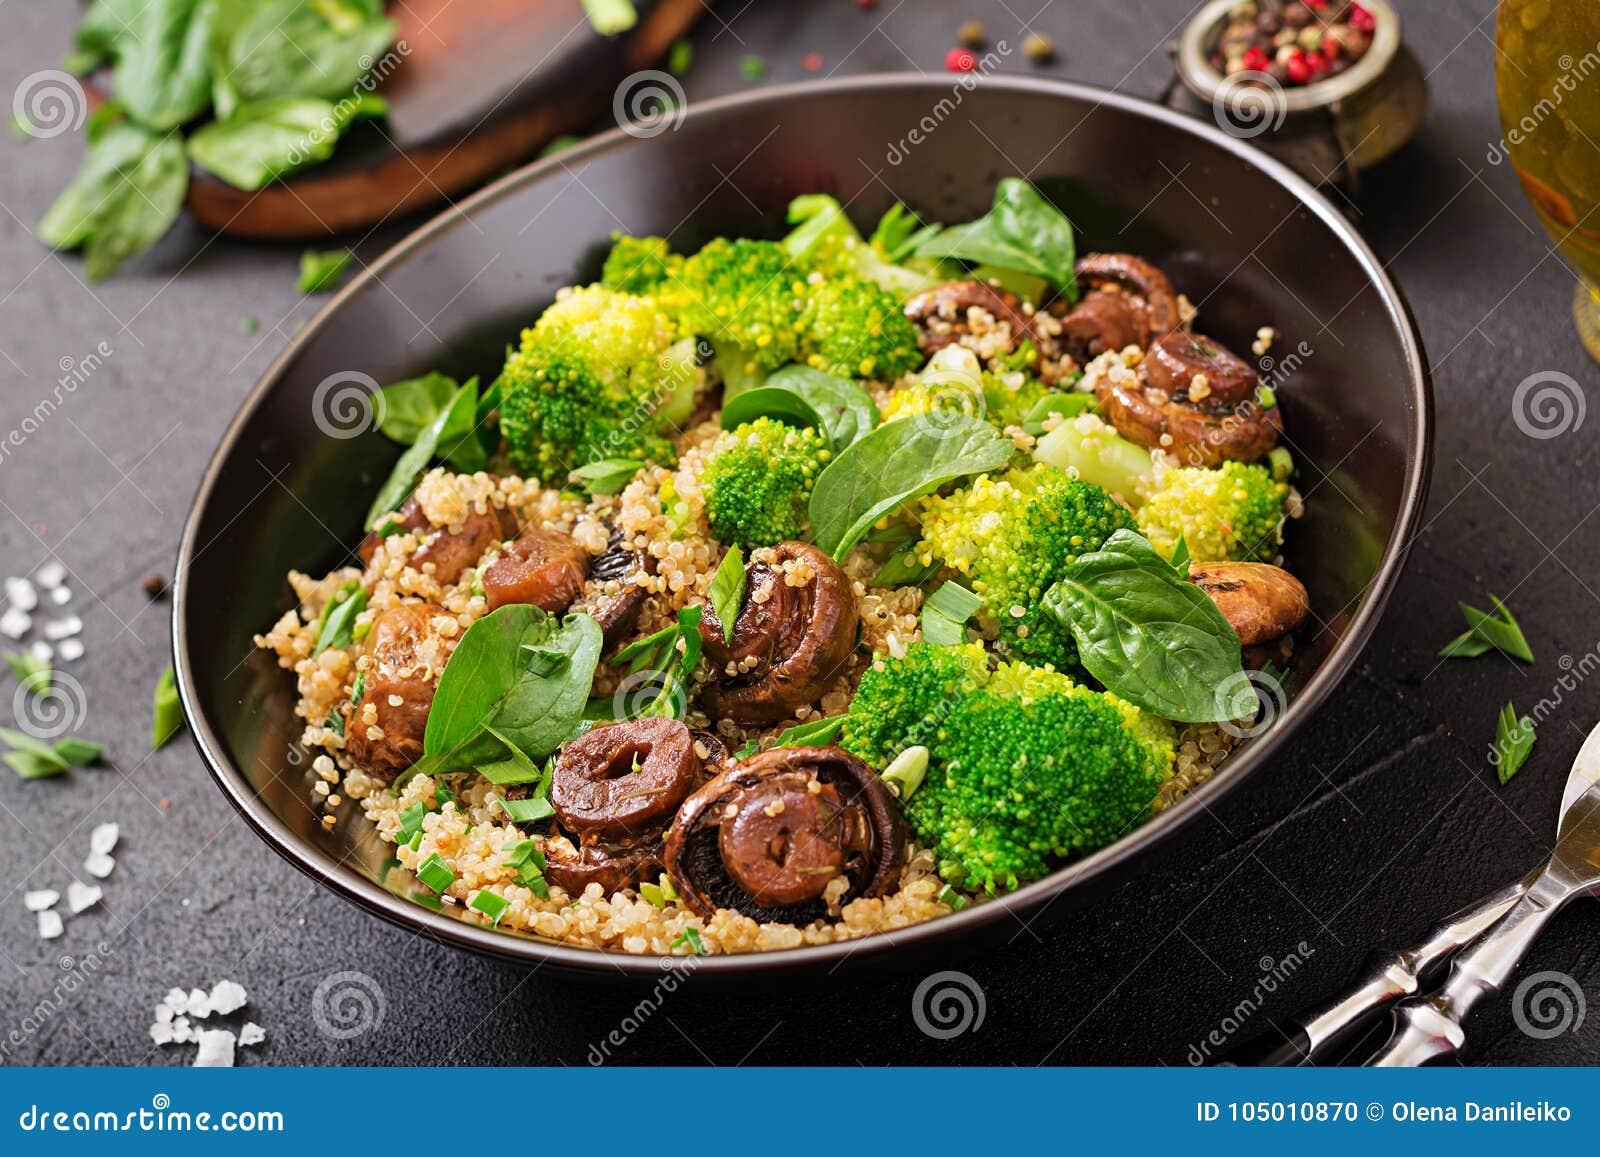 Menu dietético Salada saudável do vegetariano dos vegetais - brócolis, cogumelos, espinafres e quinoa